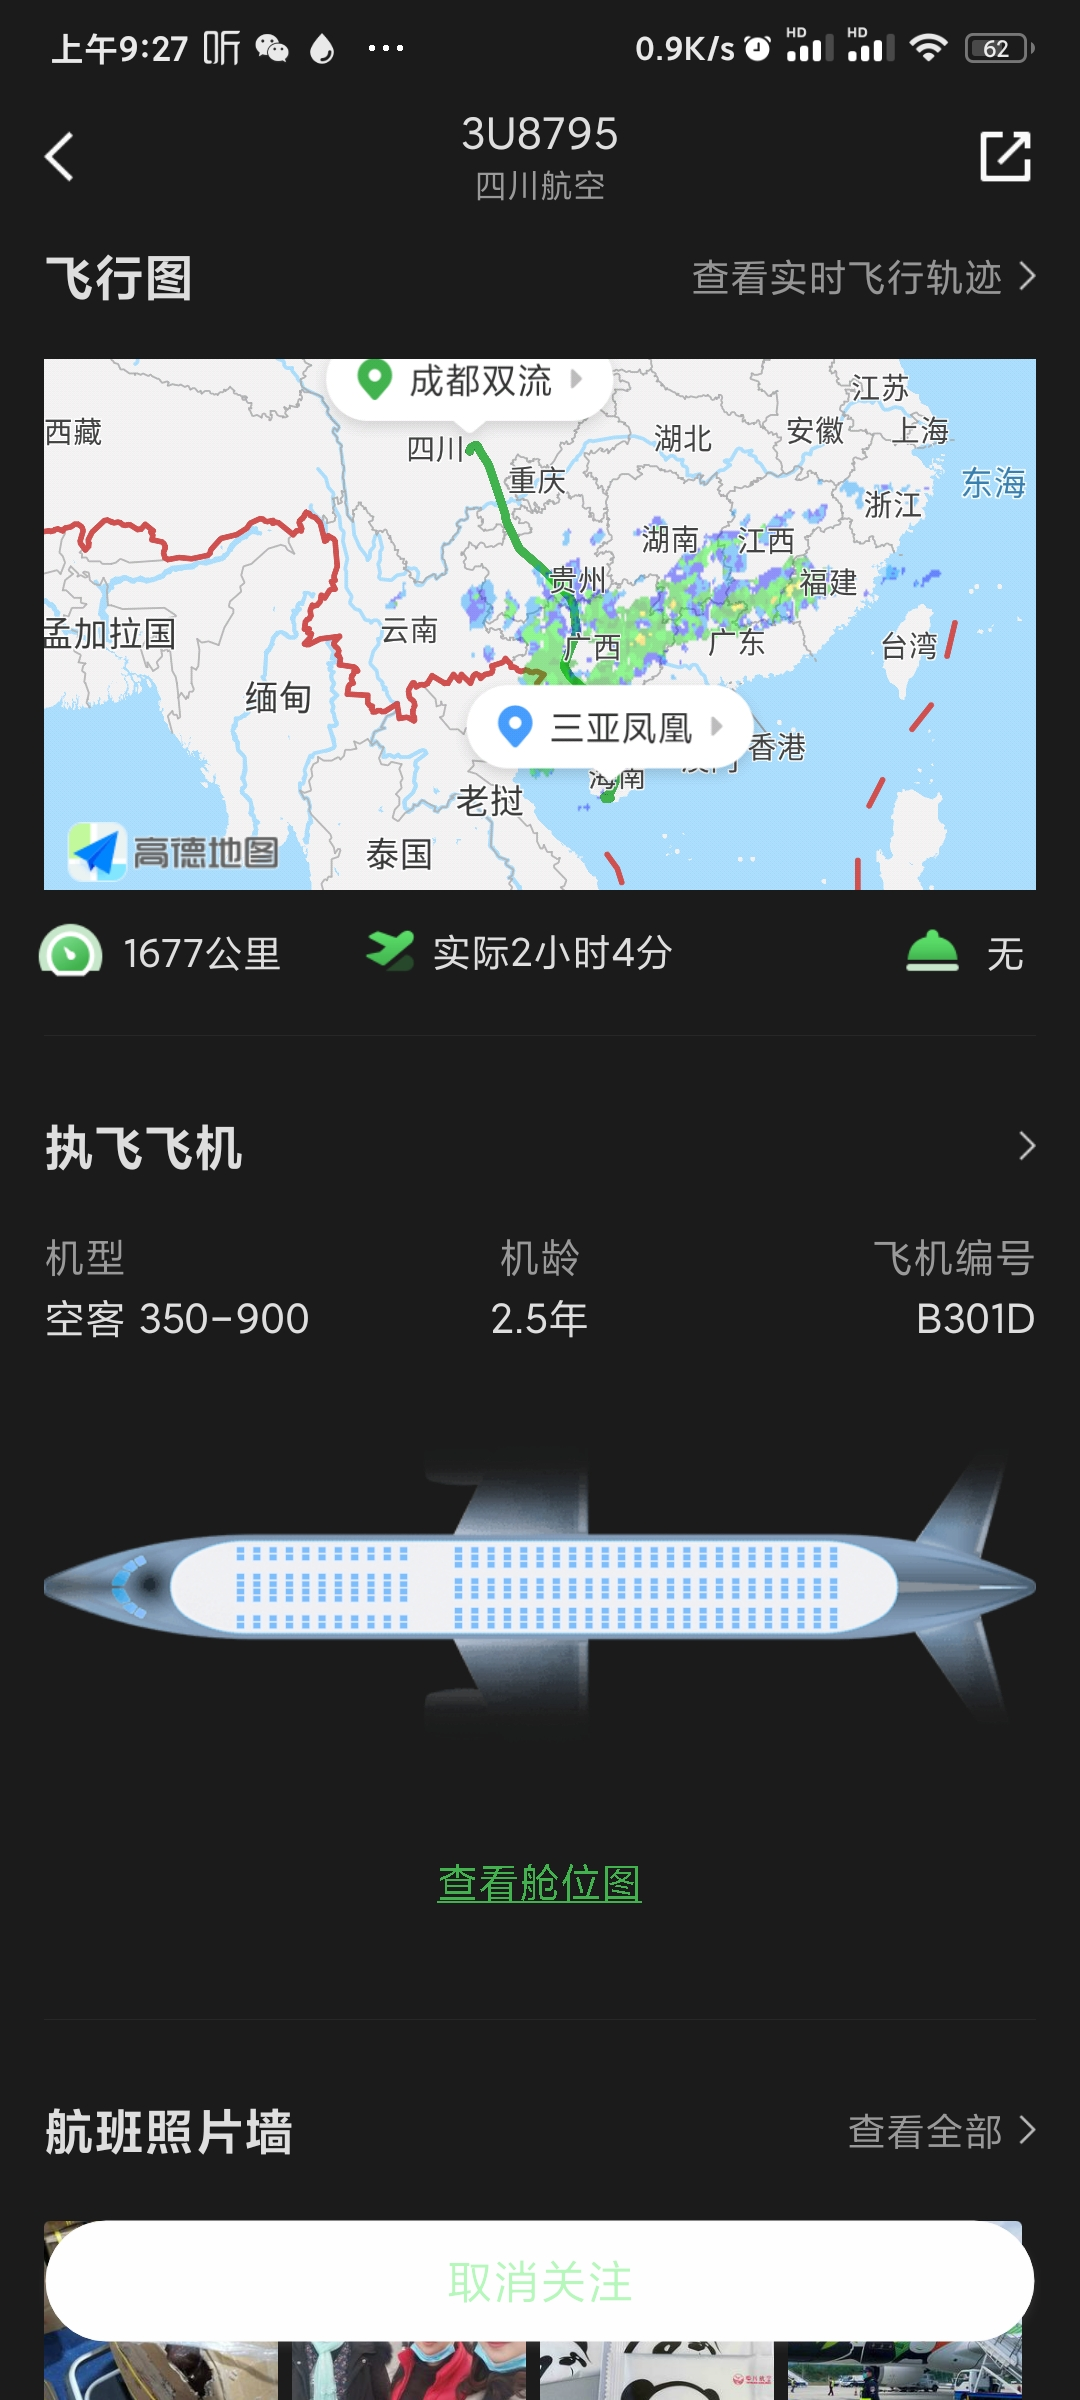 逆流南下,拥抱大海!大年初二川航A350熊猫彩绘机CYU-SYX